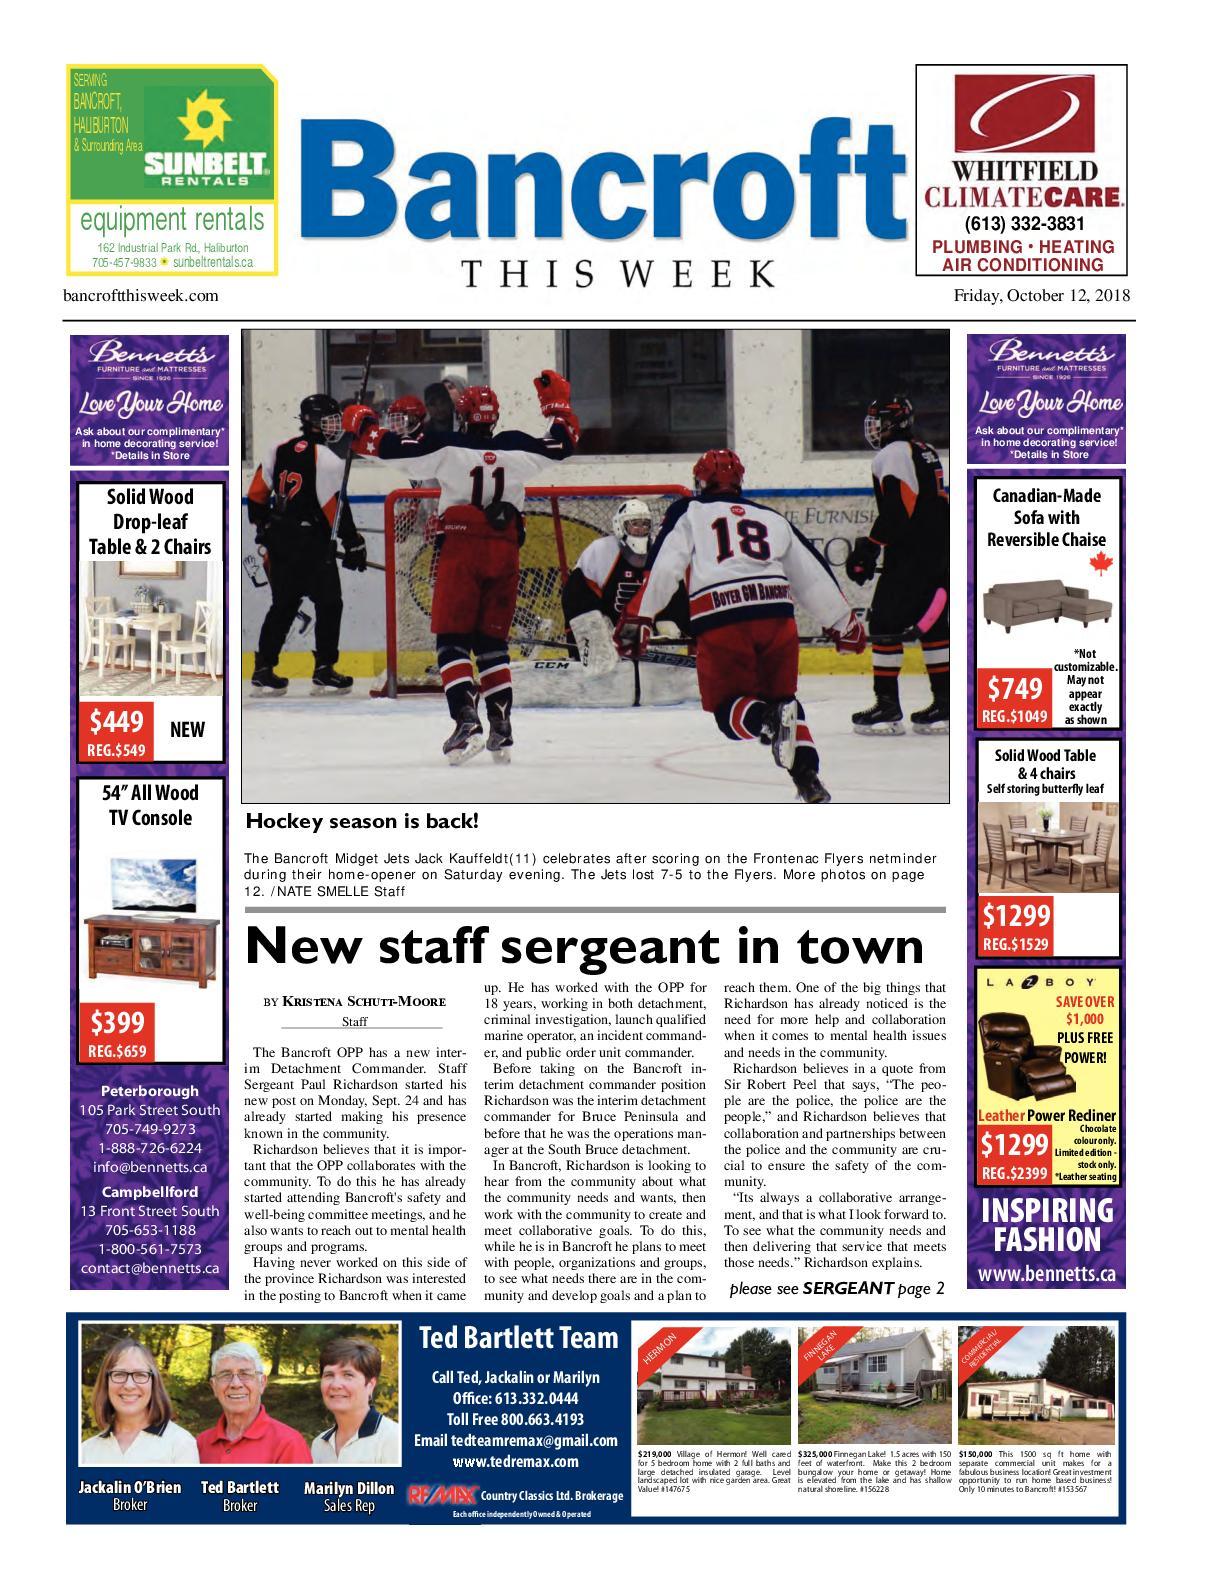 Calaméo - Bancroft This Week Oct 12, 2018